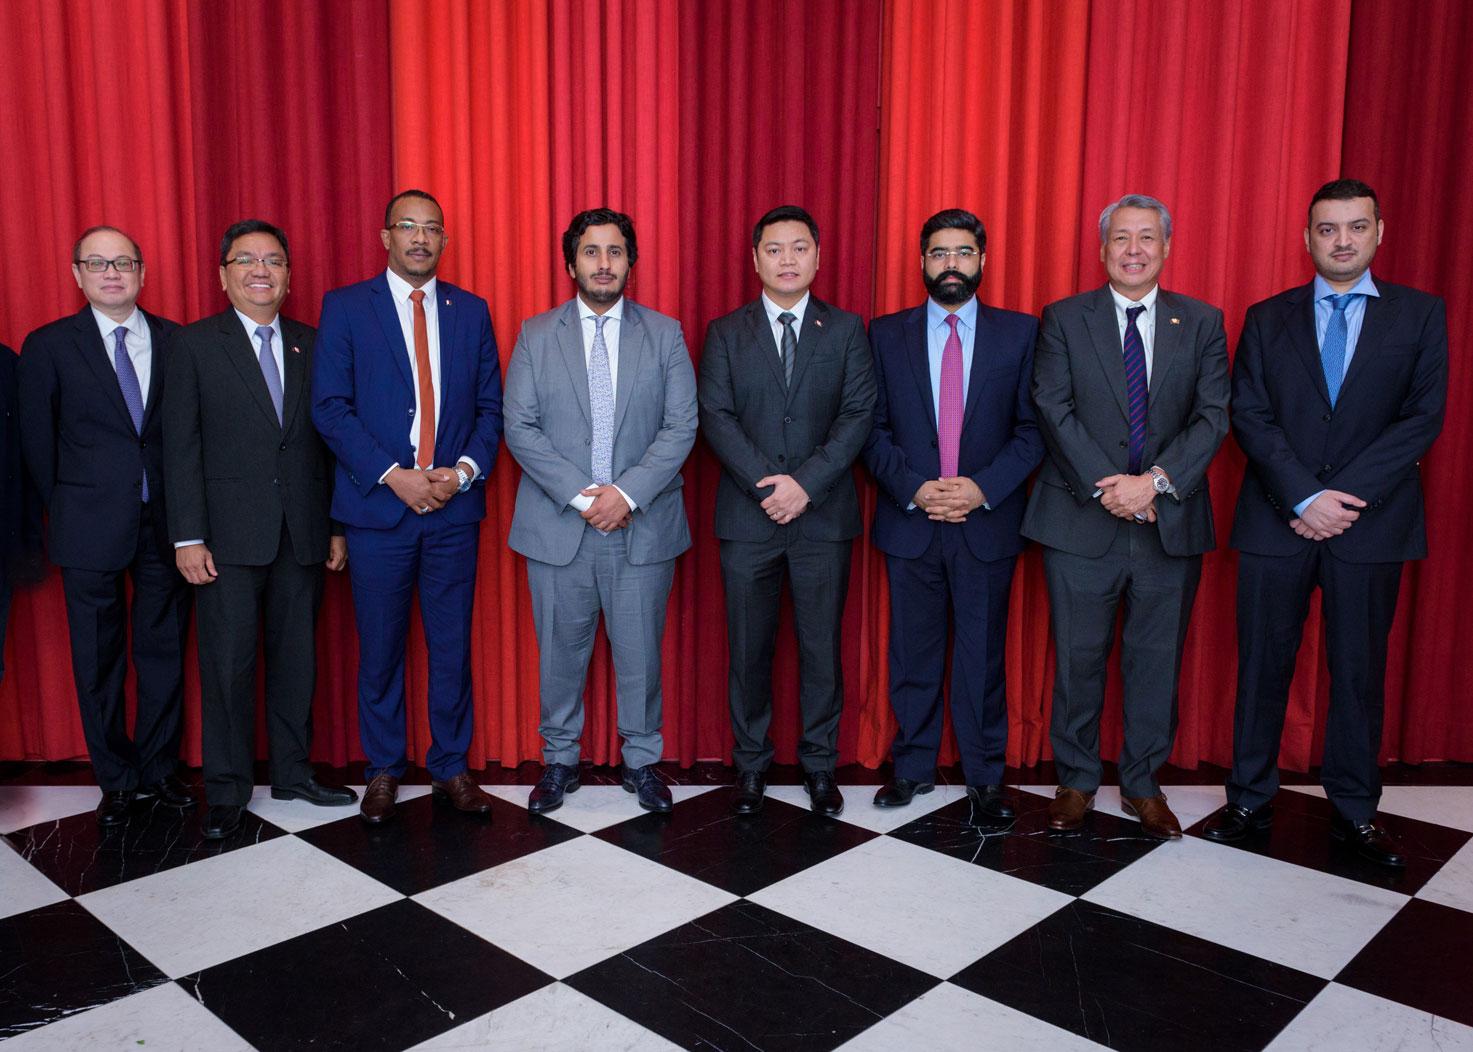 faisal abbas qatar investment authority qia